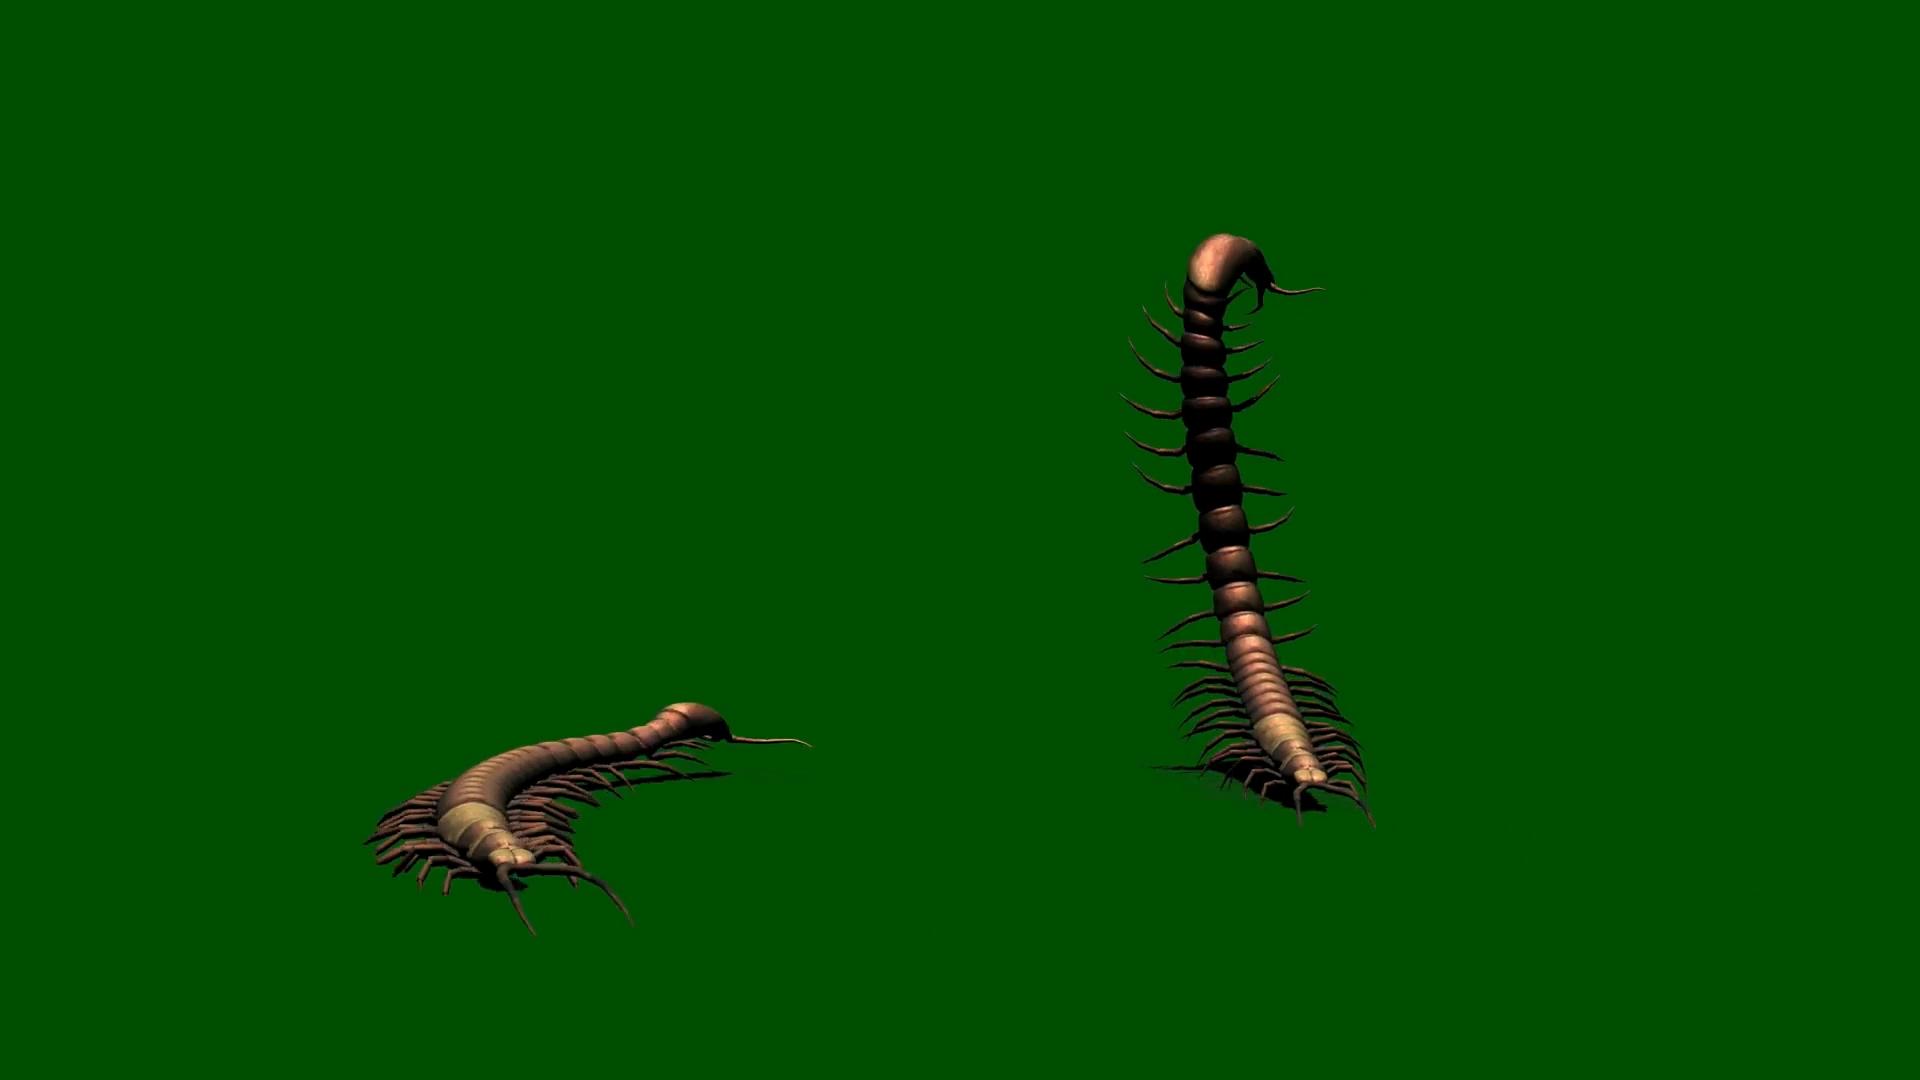 绿屏抠像爬行的蜈蚣